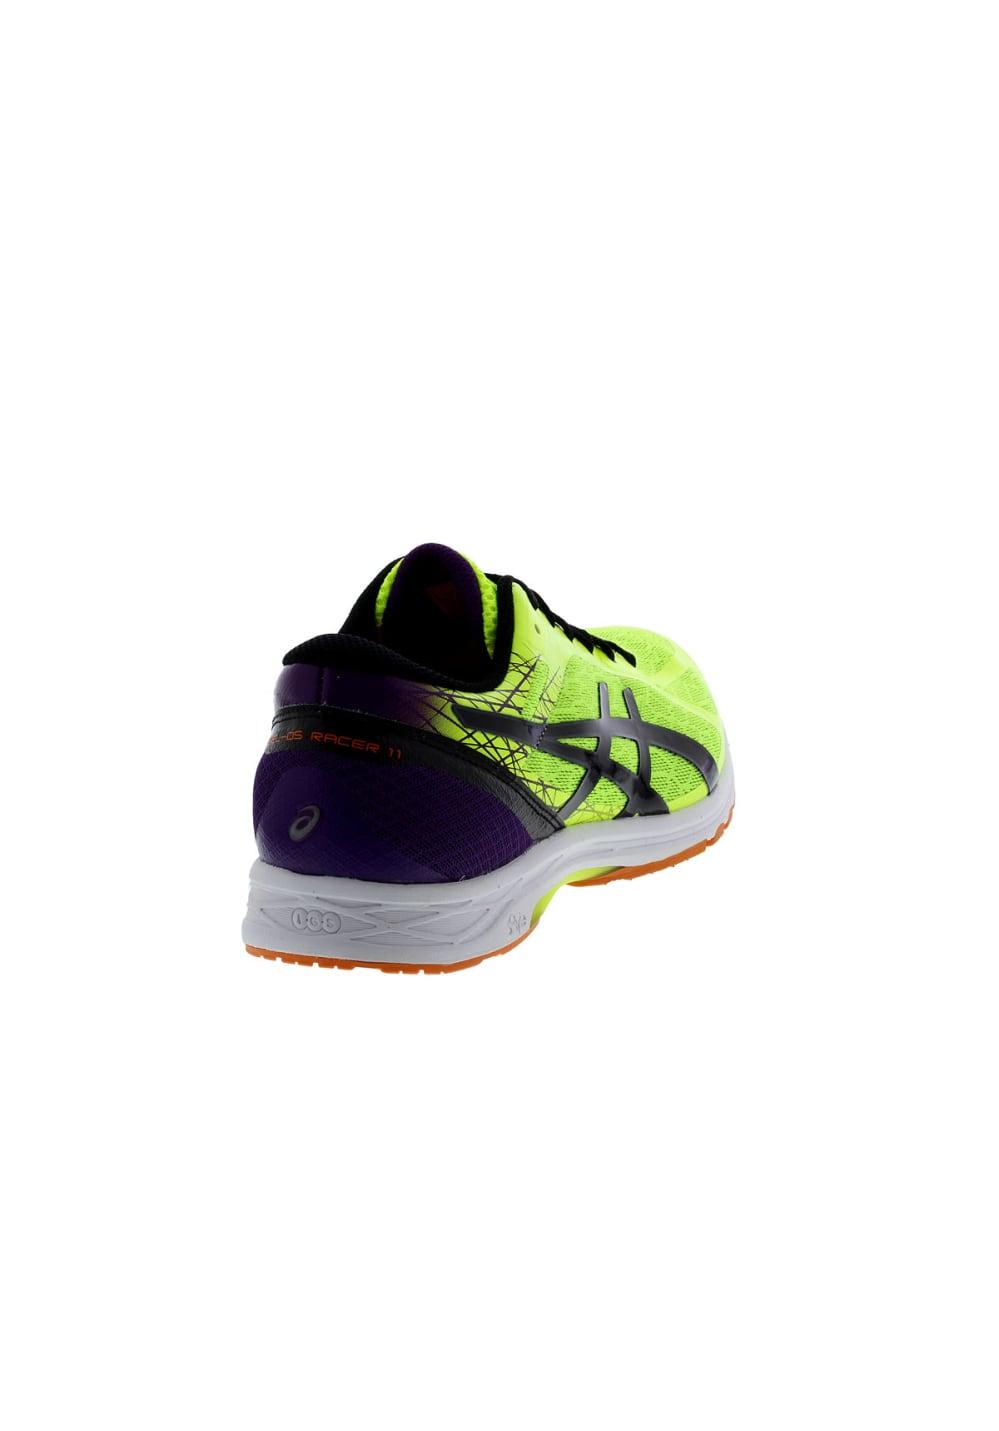 fece0e0ed1758 Next. -34%. Ce produit est actuellement épuisé. ASICS. GEL-DS Racer 11 - Chaussures  running pour Homme